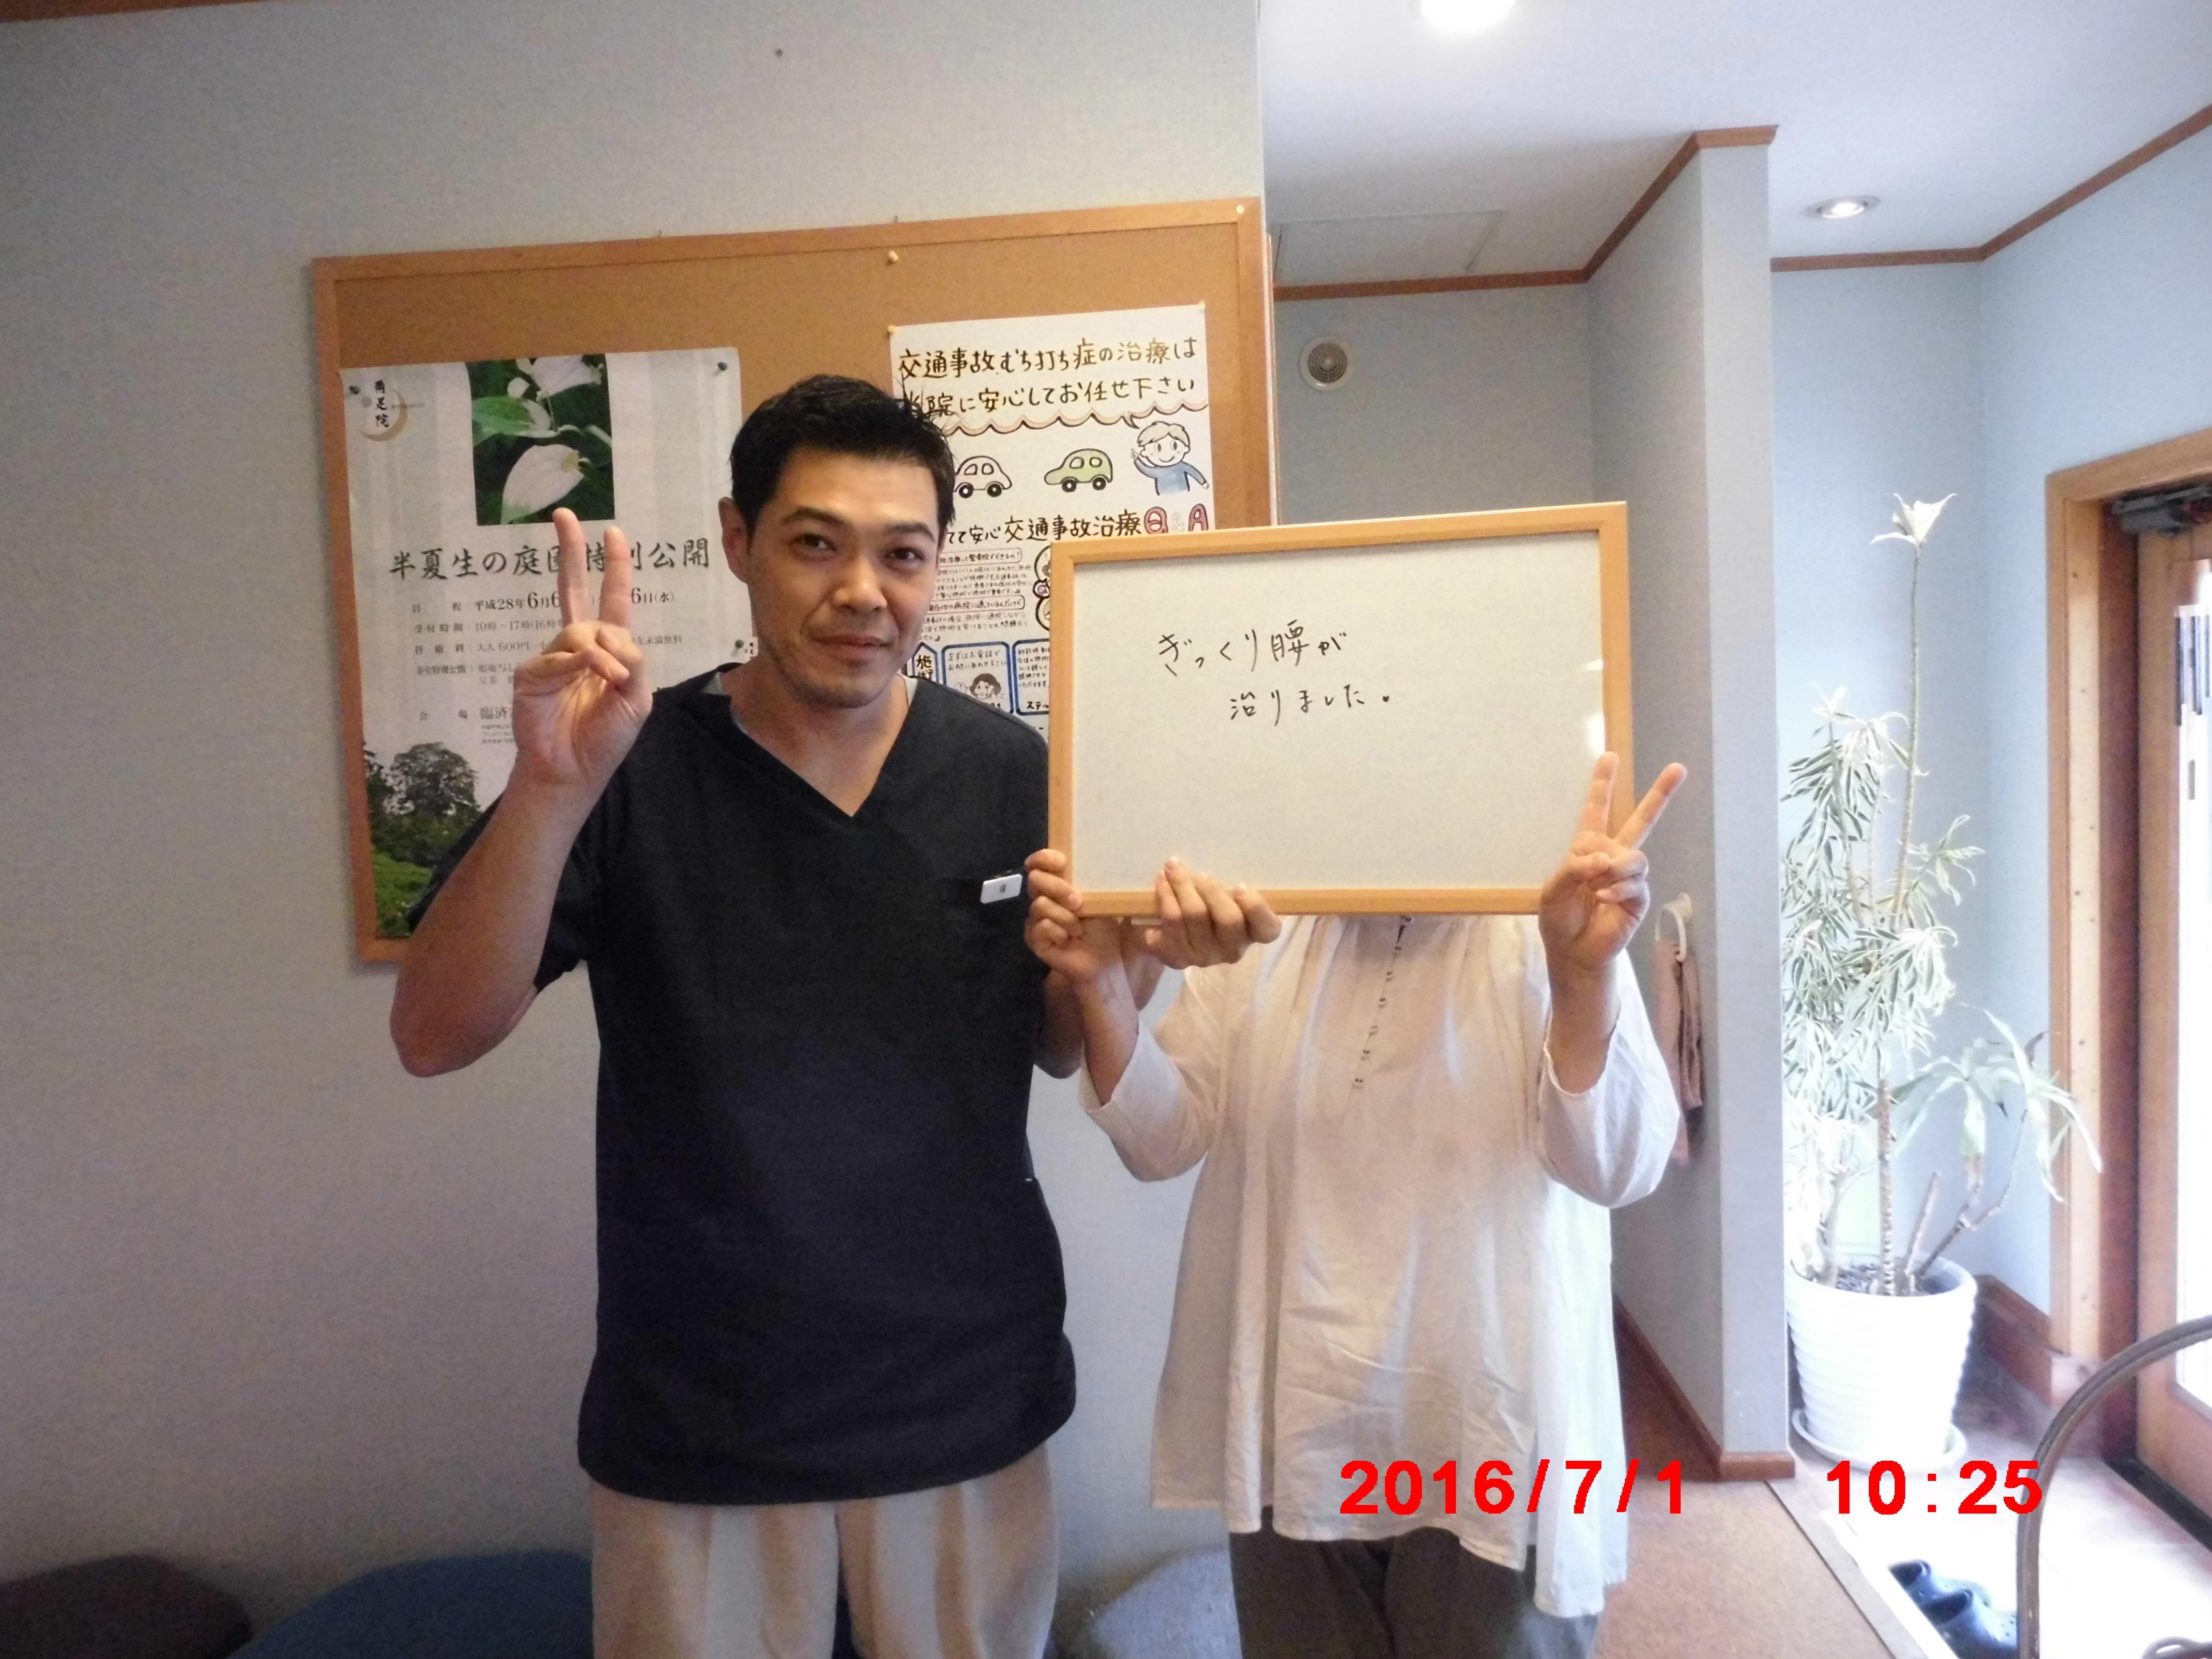 お客様の声 神戸市垂水区 はた整骨院